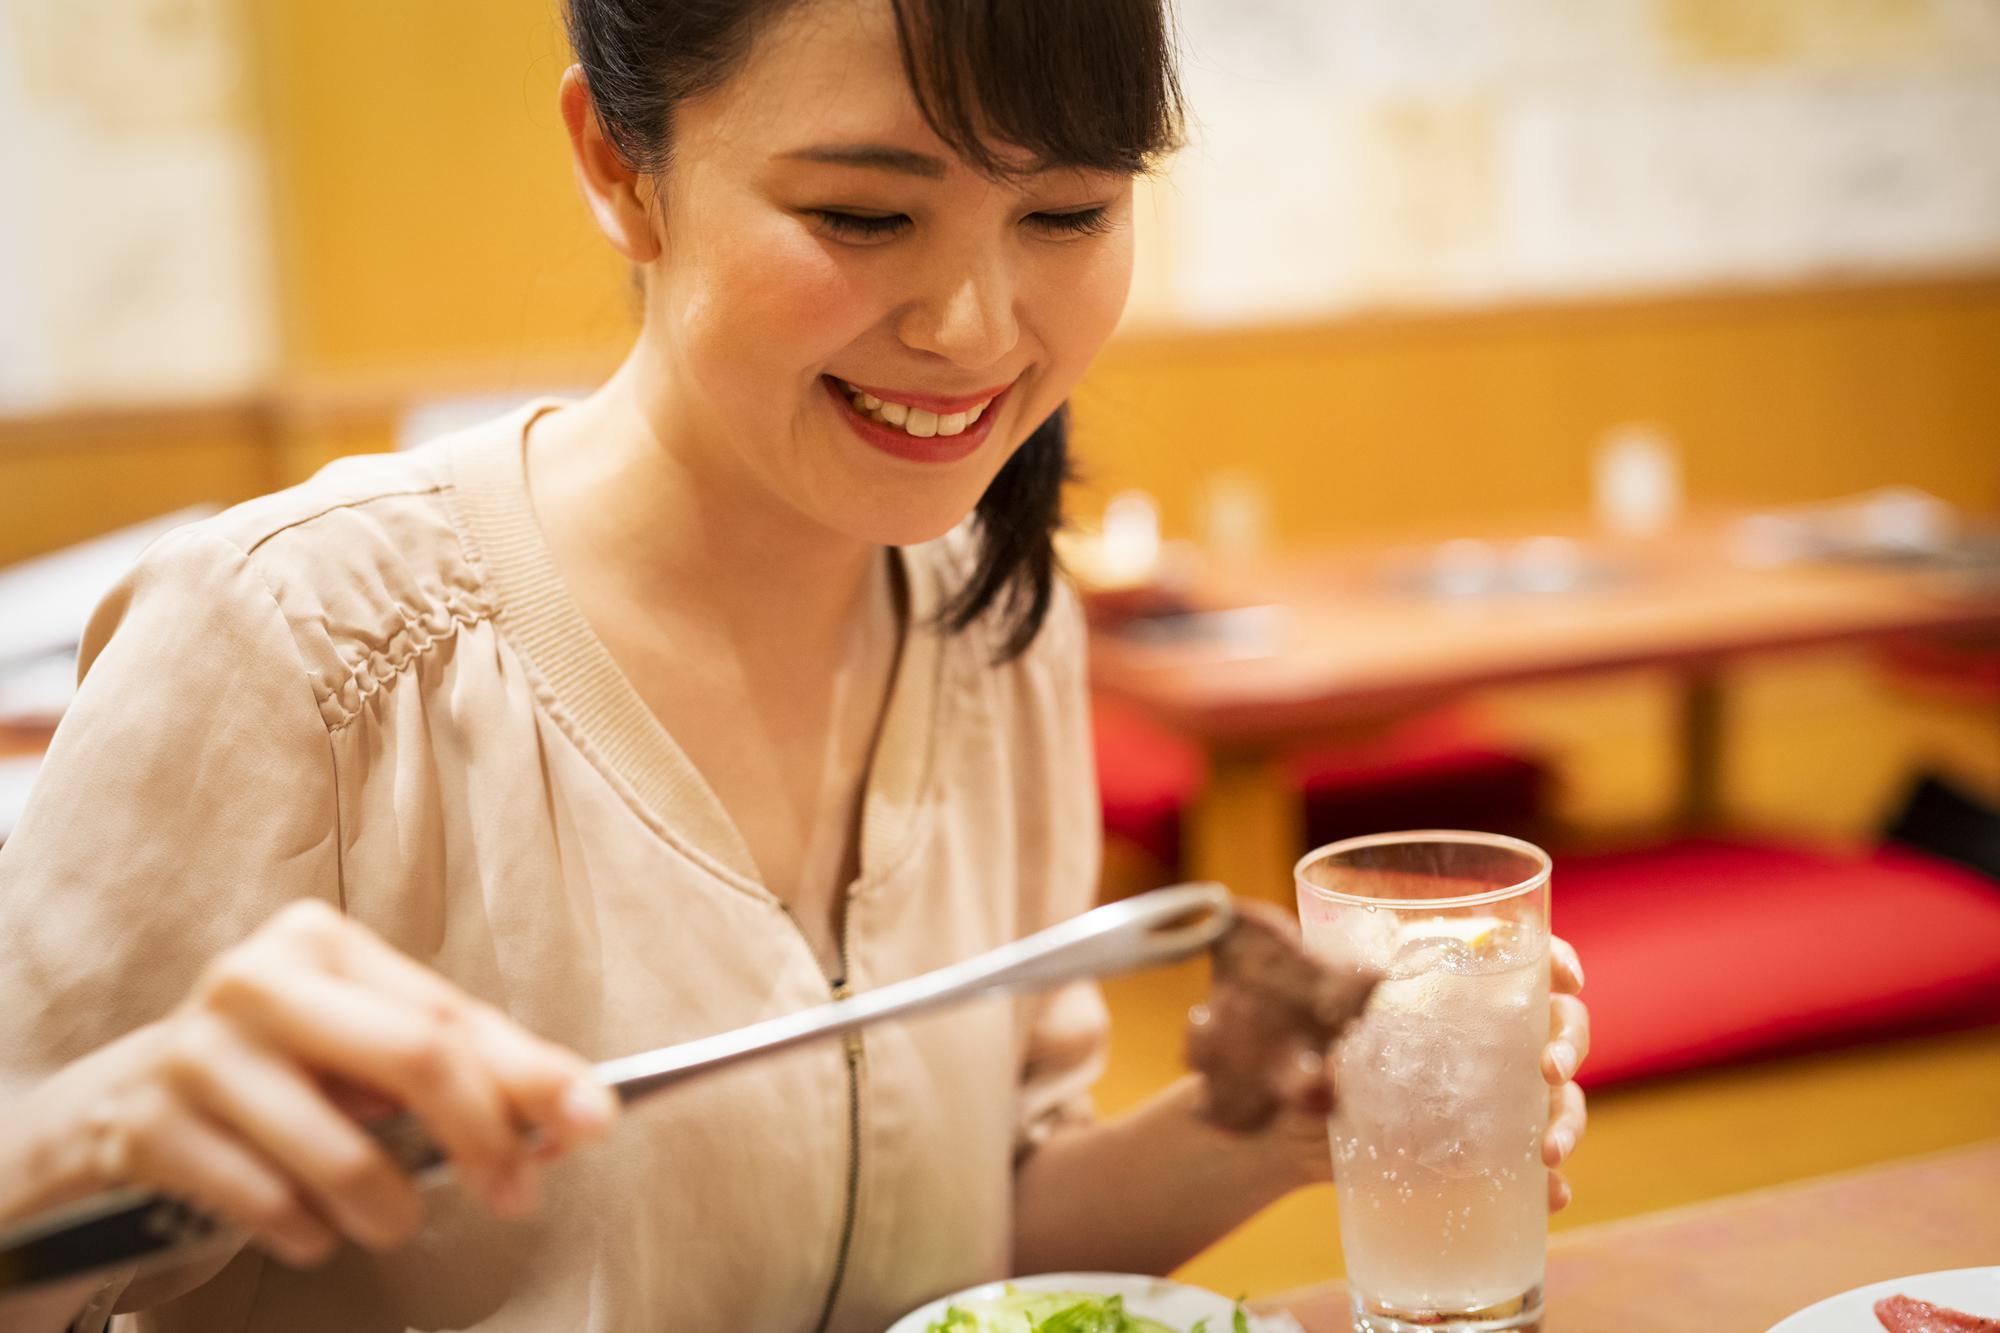 焼き肉を食べる女性